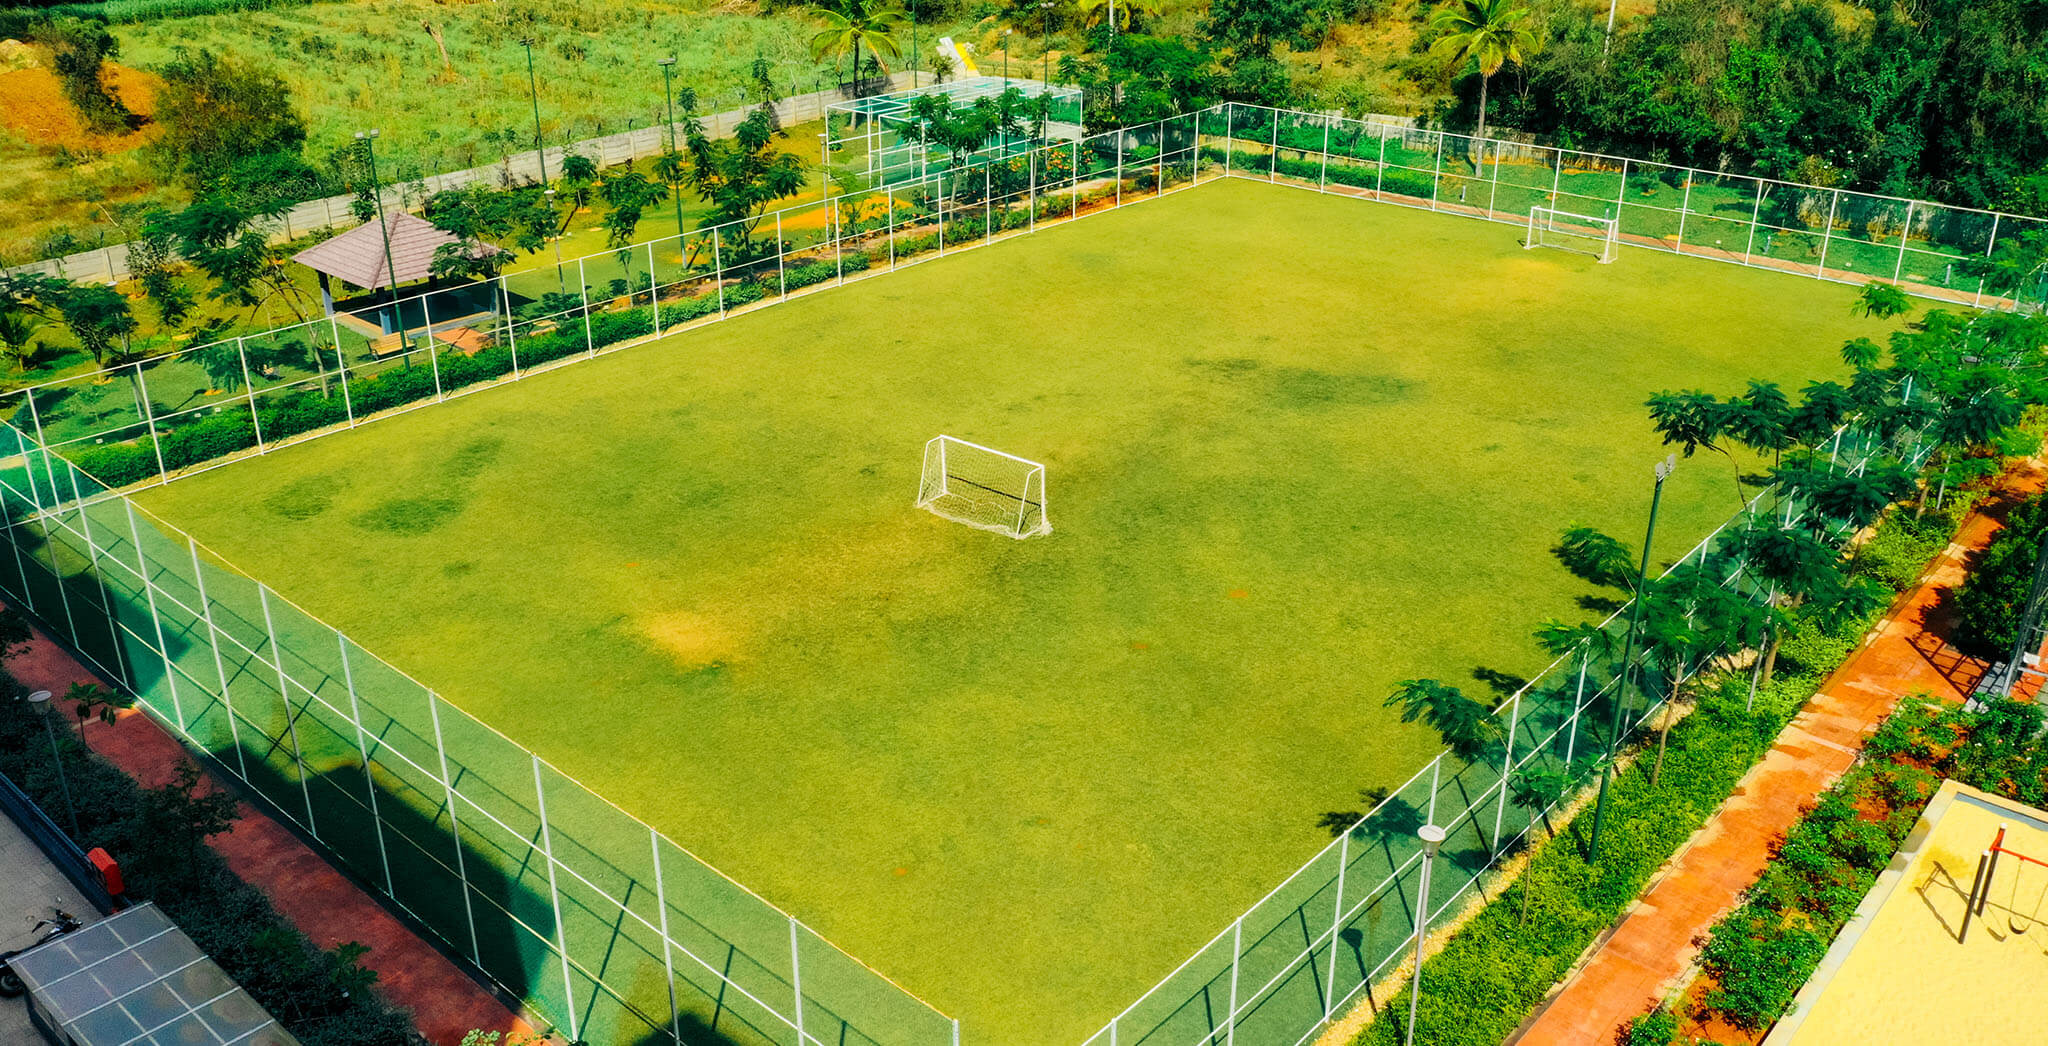 7-A-Side Football Field